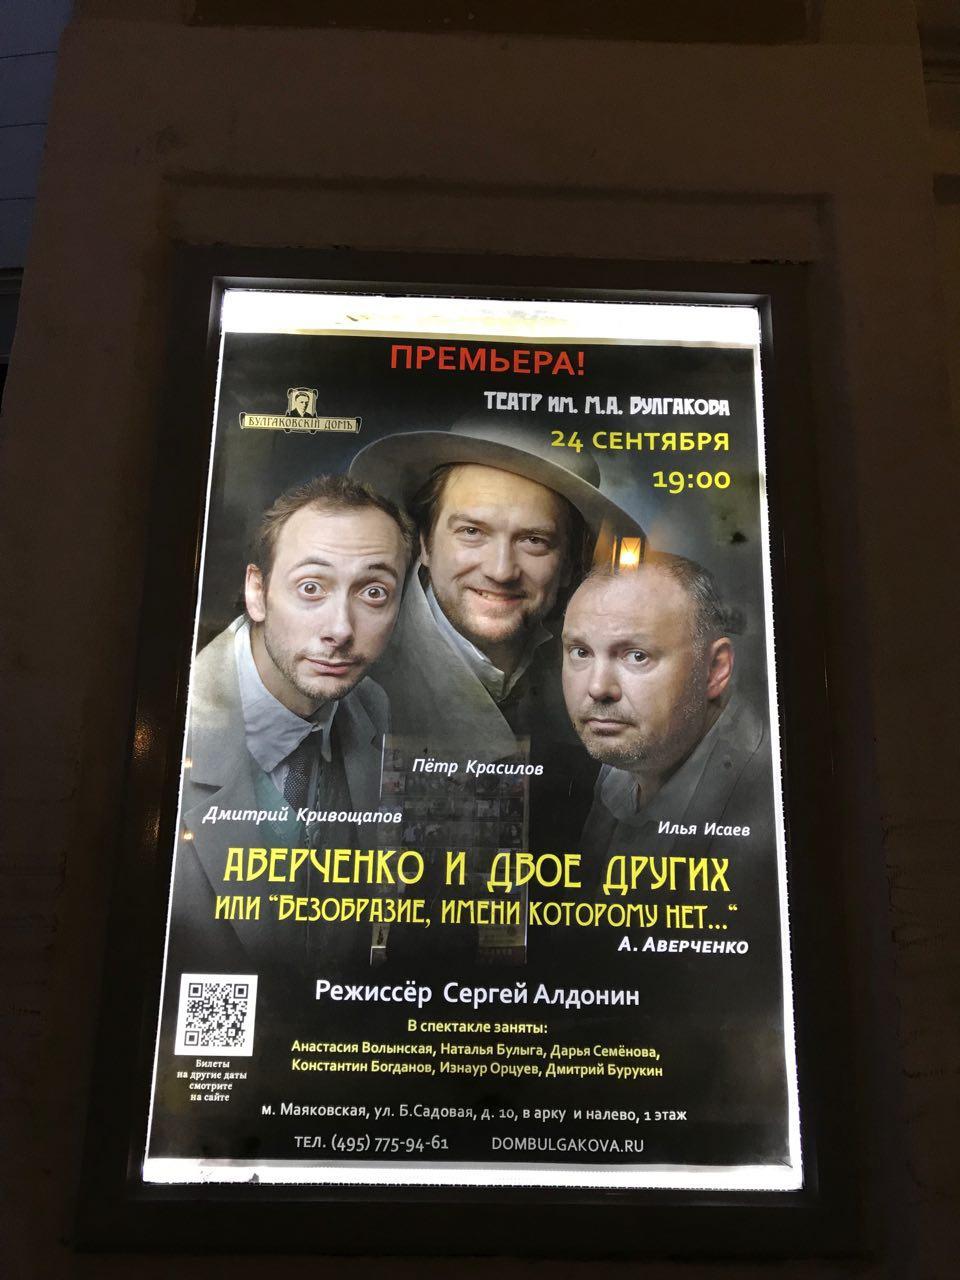 """Афиша спектакля """"Аверченко и двое других или """"Безобразие, имени которому нет..."""""""